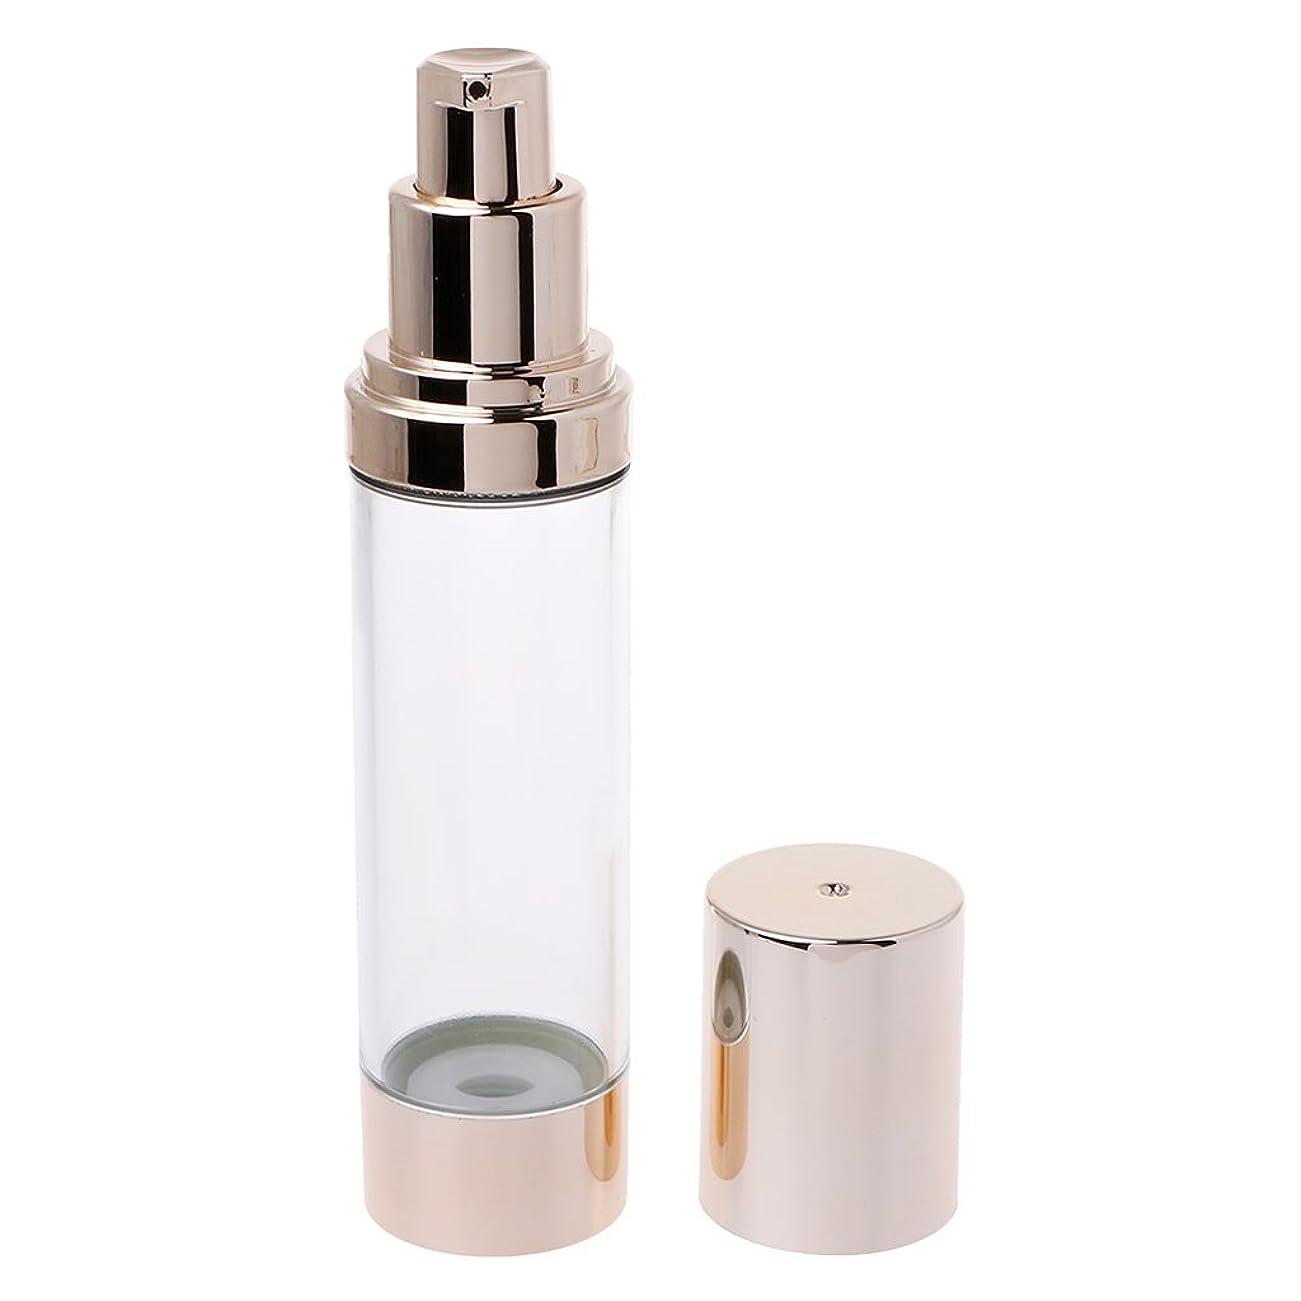 出発ロッジクロールDabixx 15/30 / 50ML空化粧品エアレスボトルプラスチック処理ポンプトラベルボトル - 50ML